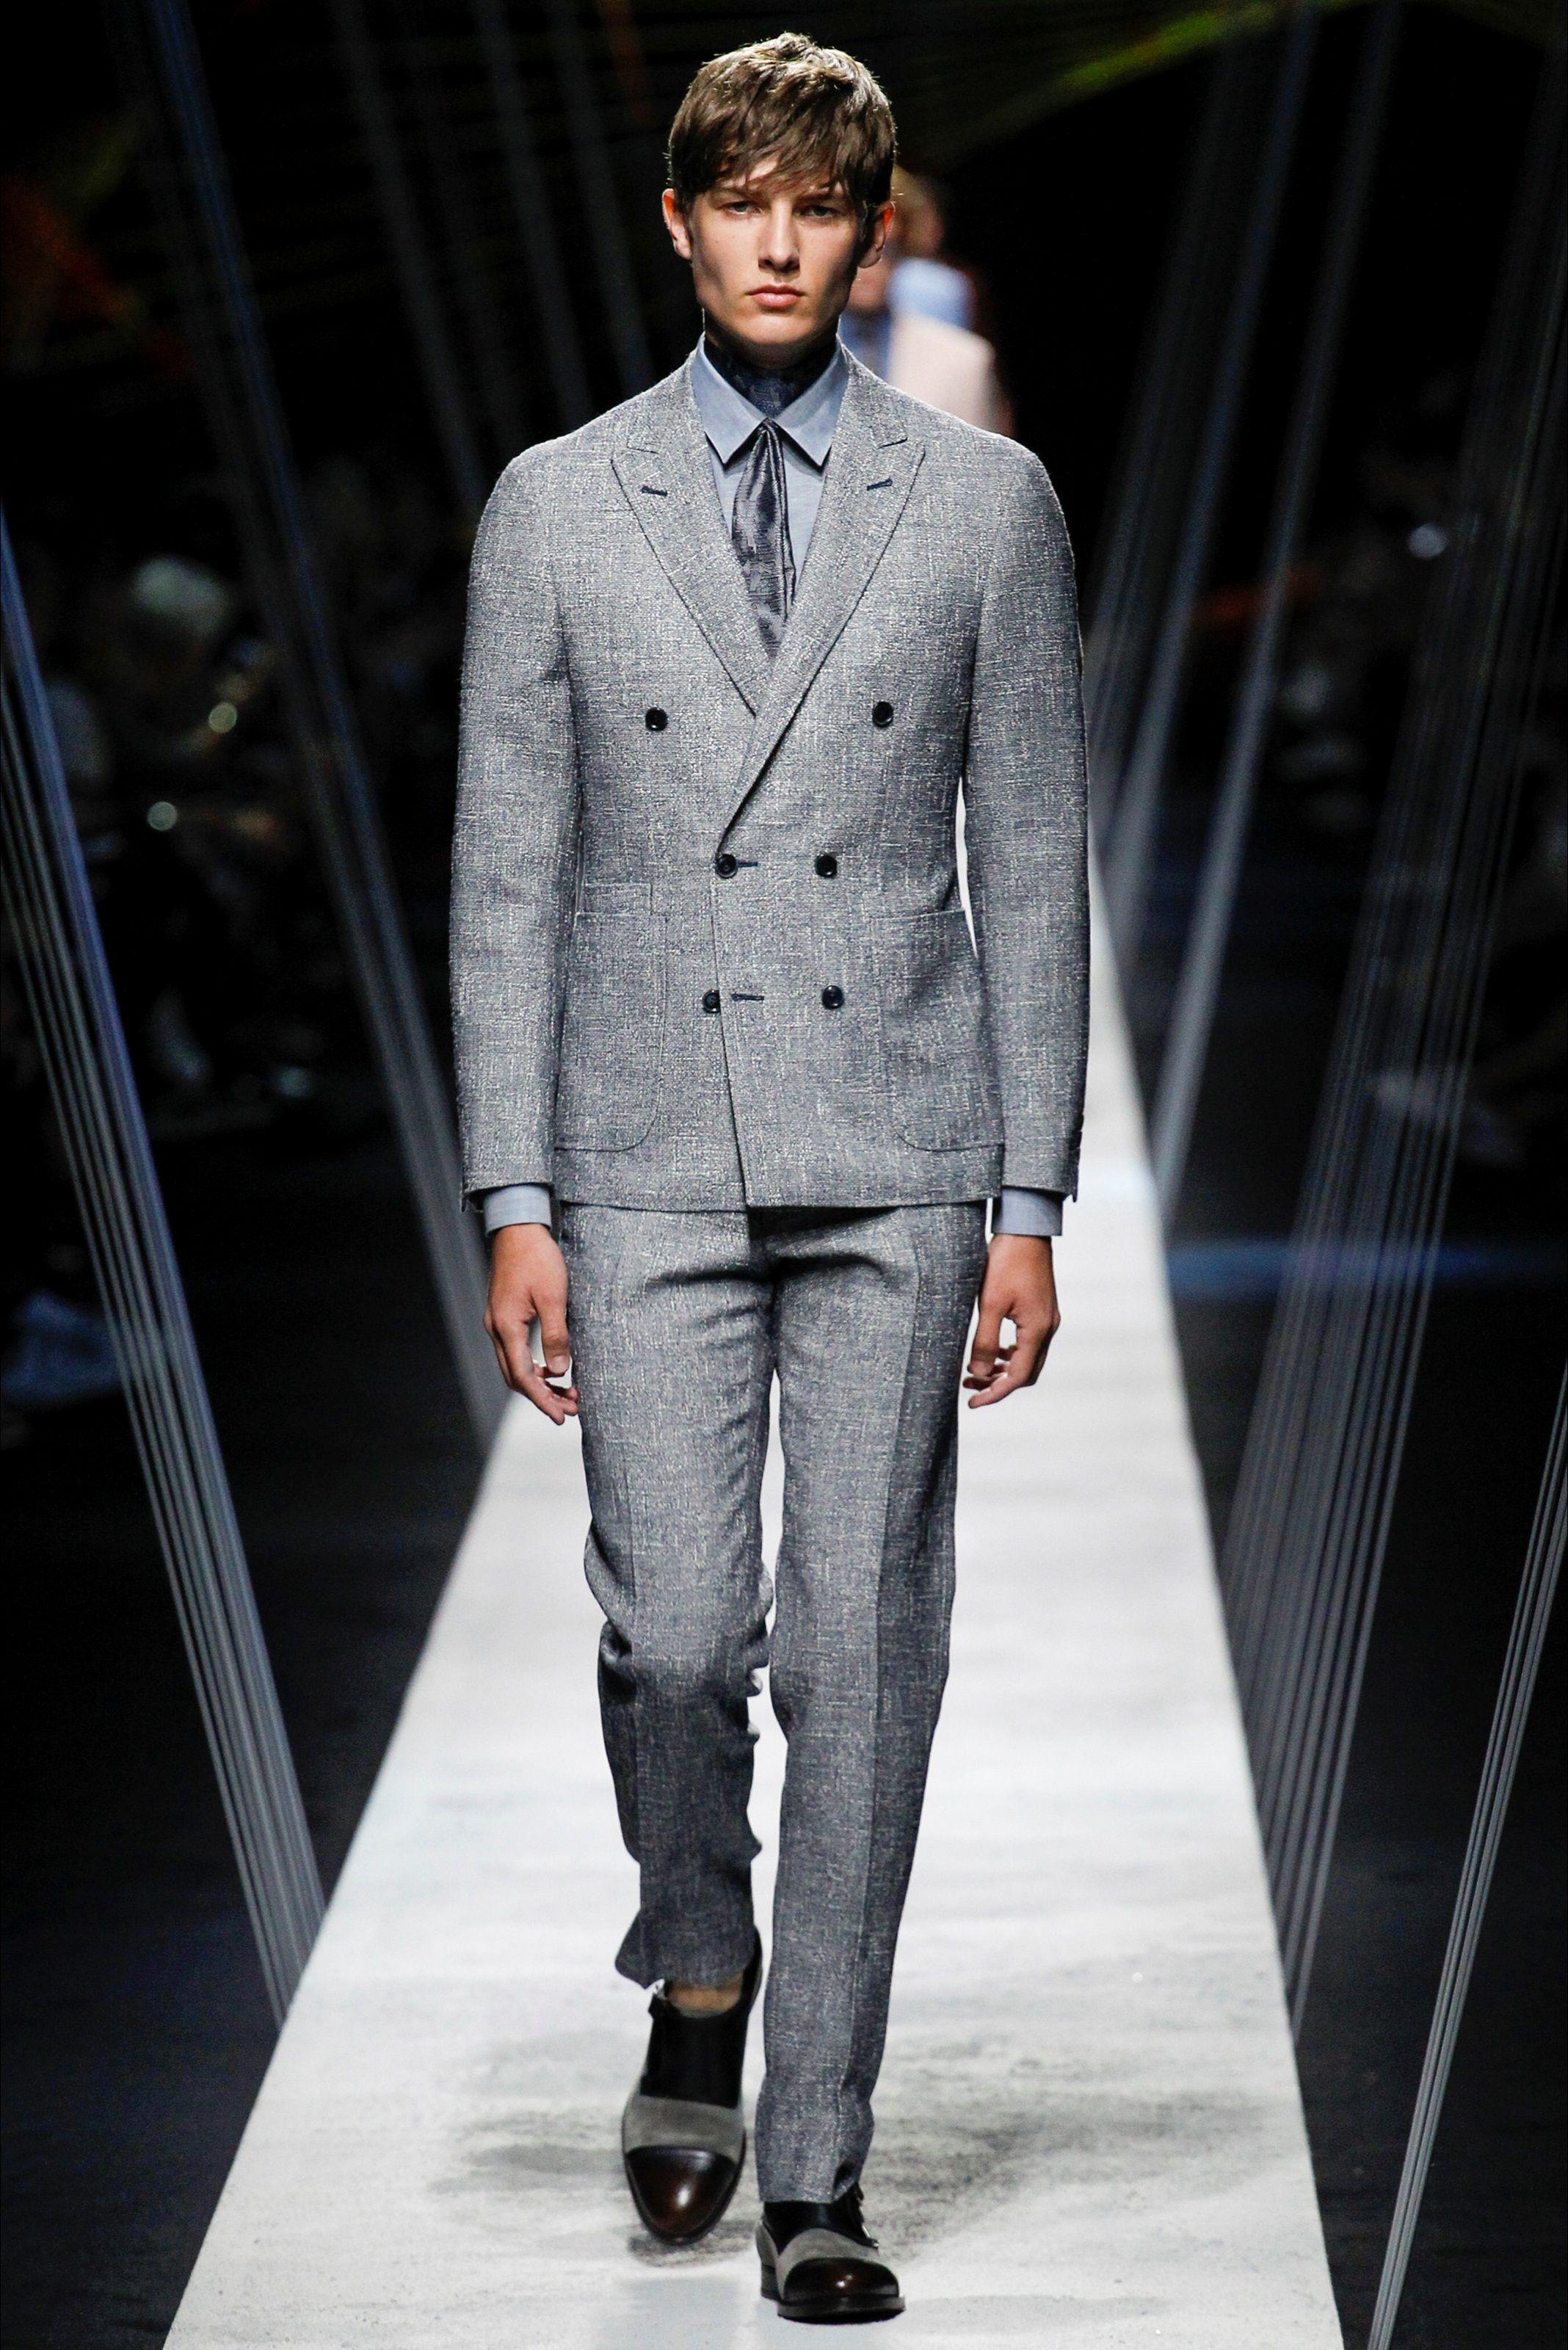 de3c0ab8e3 Sfilata Moda Uomo Canali Milano - Primavera Estate 2017 - Vogue ...